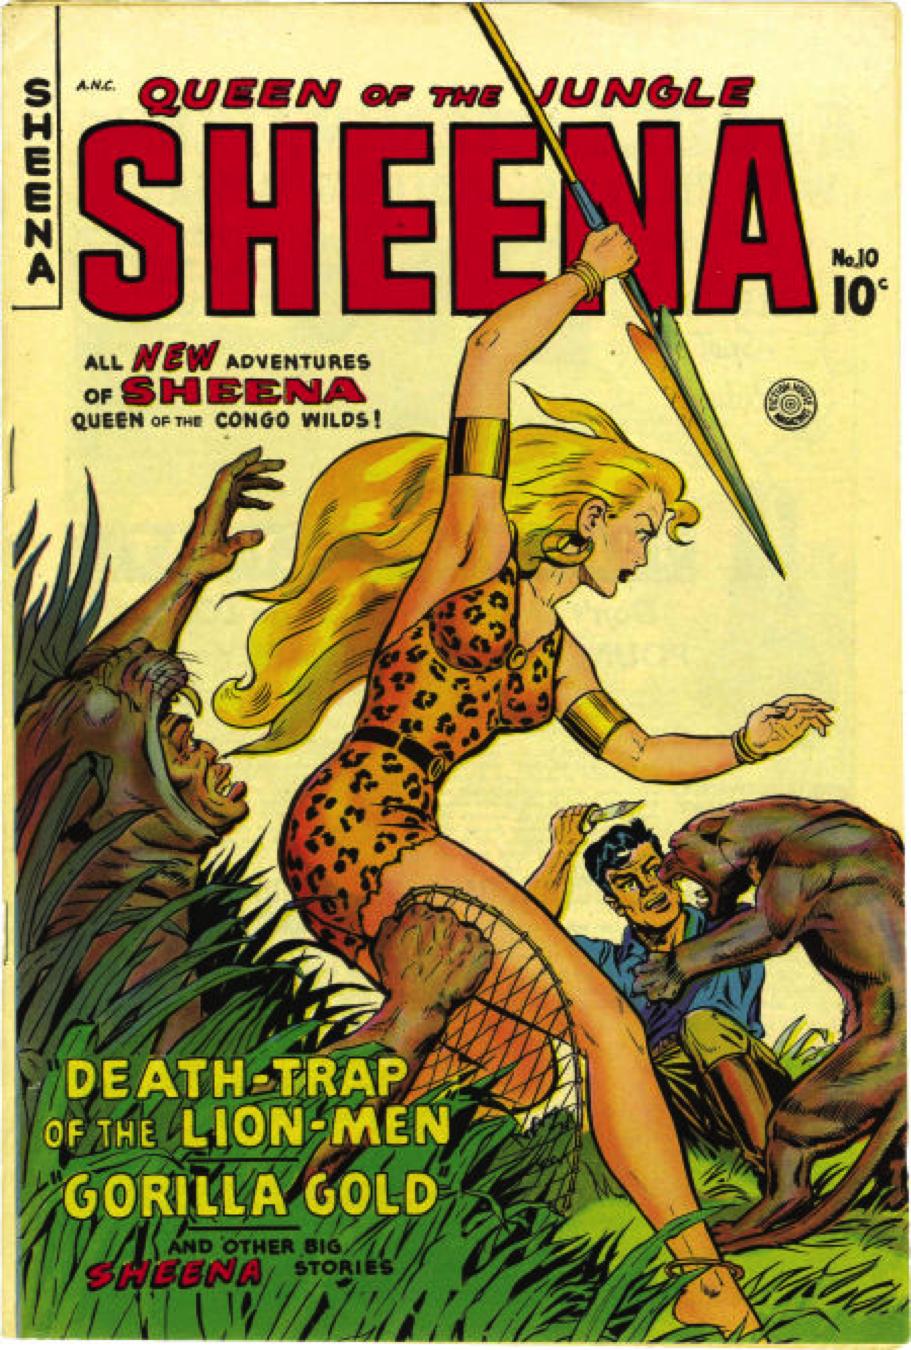 Sheena #10 1950